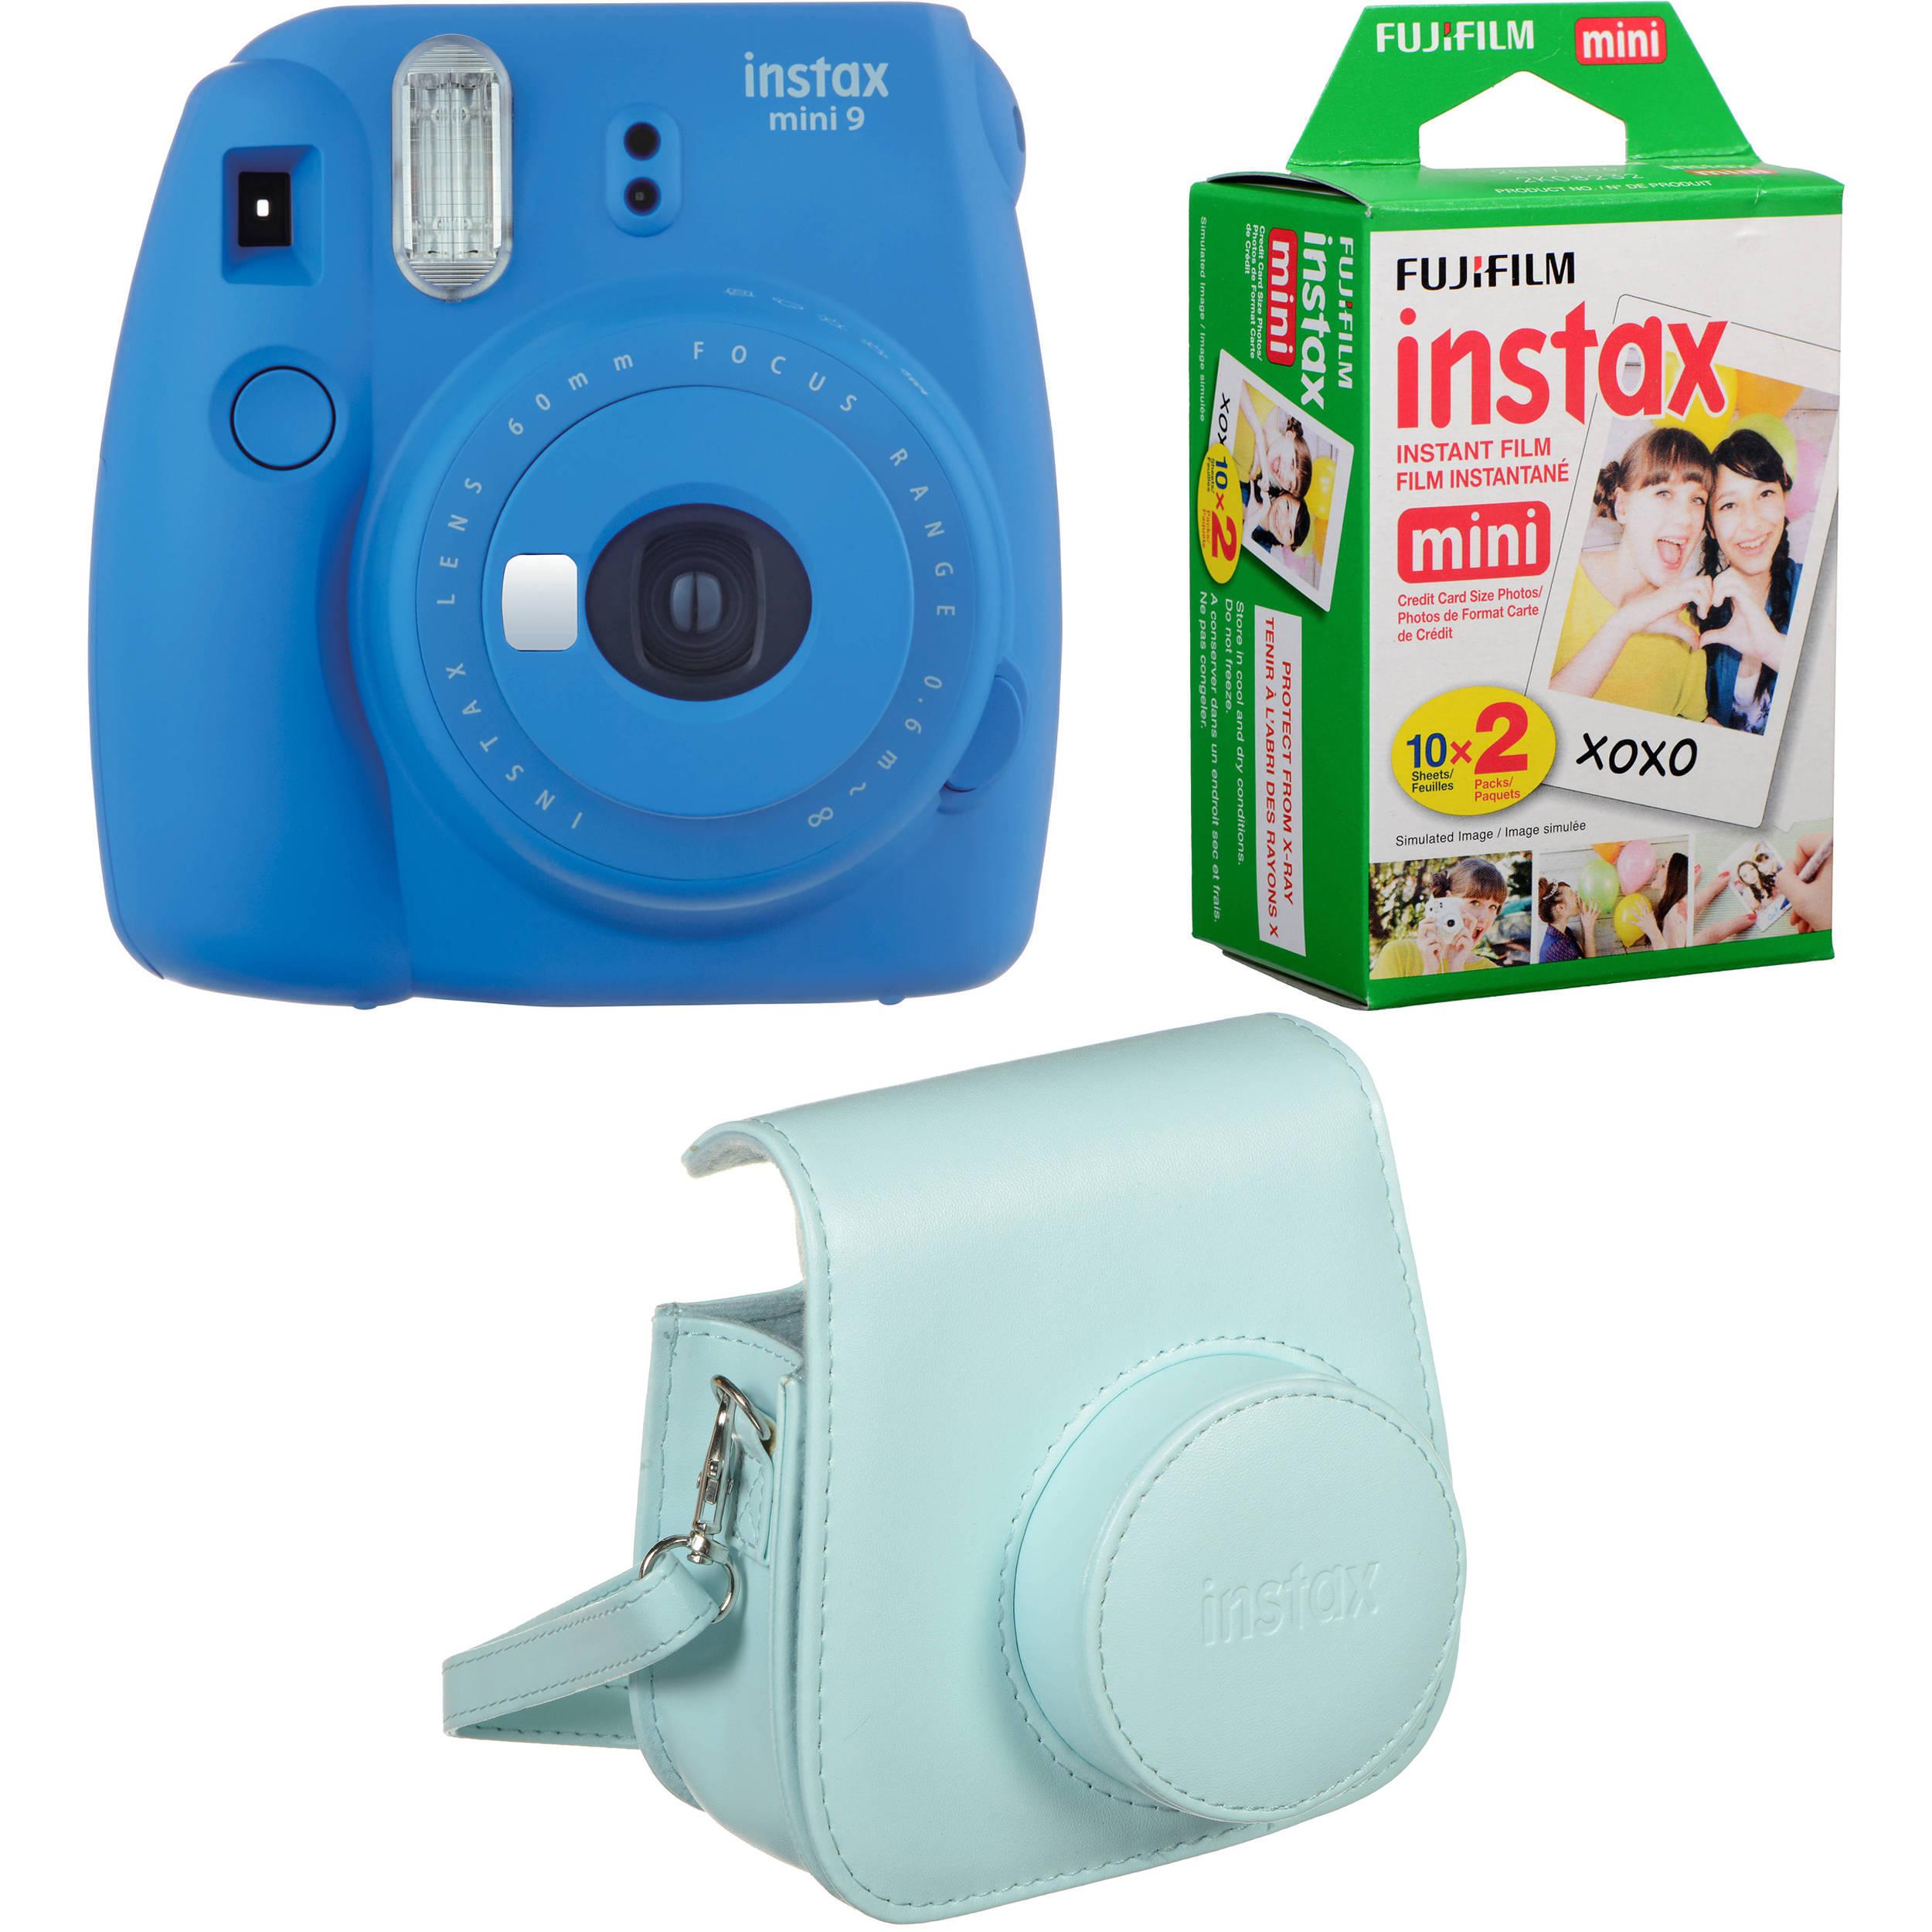 Fujifilm Instax Mini 9 Film Camera